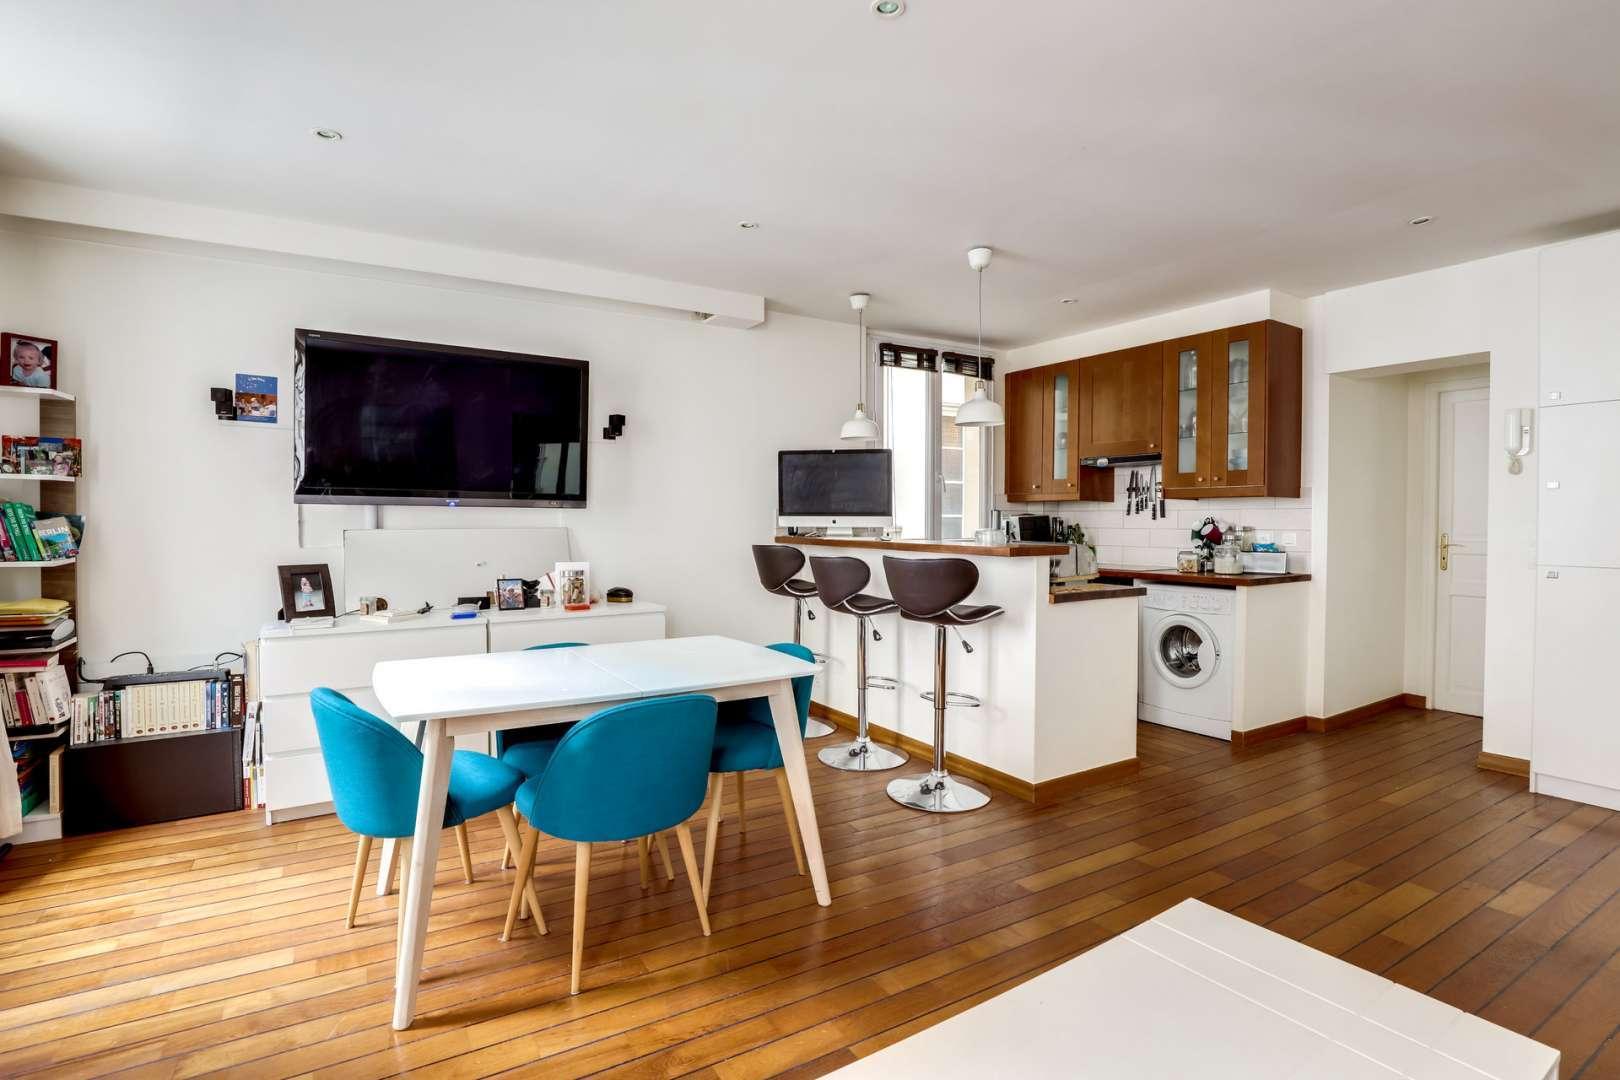 Kitchen Wooden floor Kitchen bar